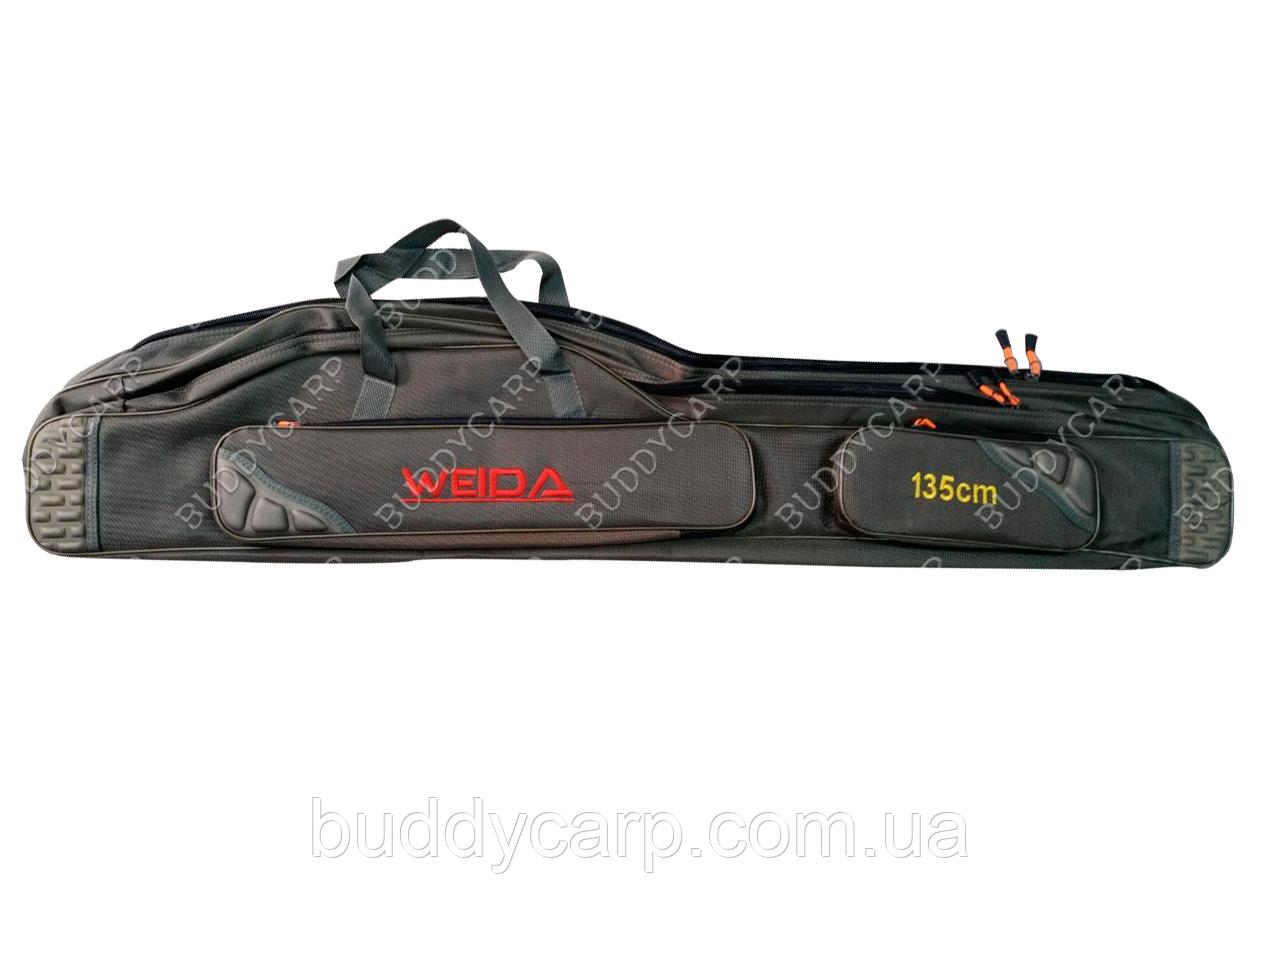 Чехол 135 см 2 отсека полужесткий Weida (Kaida)